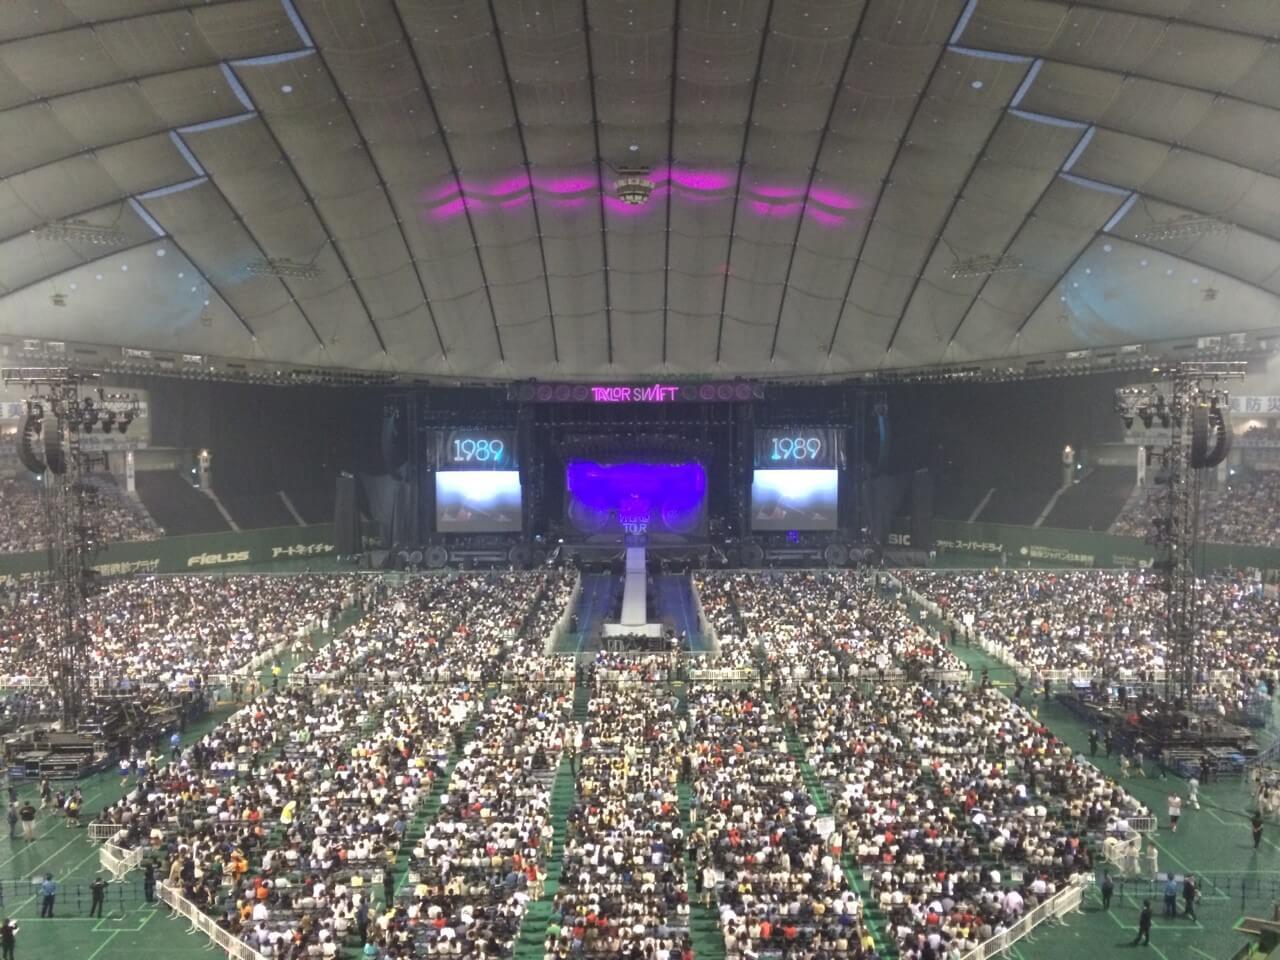 Taylor Swift 1989 ワールドツアー 初日の東京ドーム日本公演